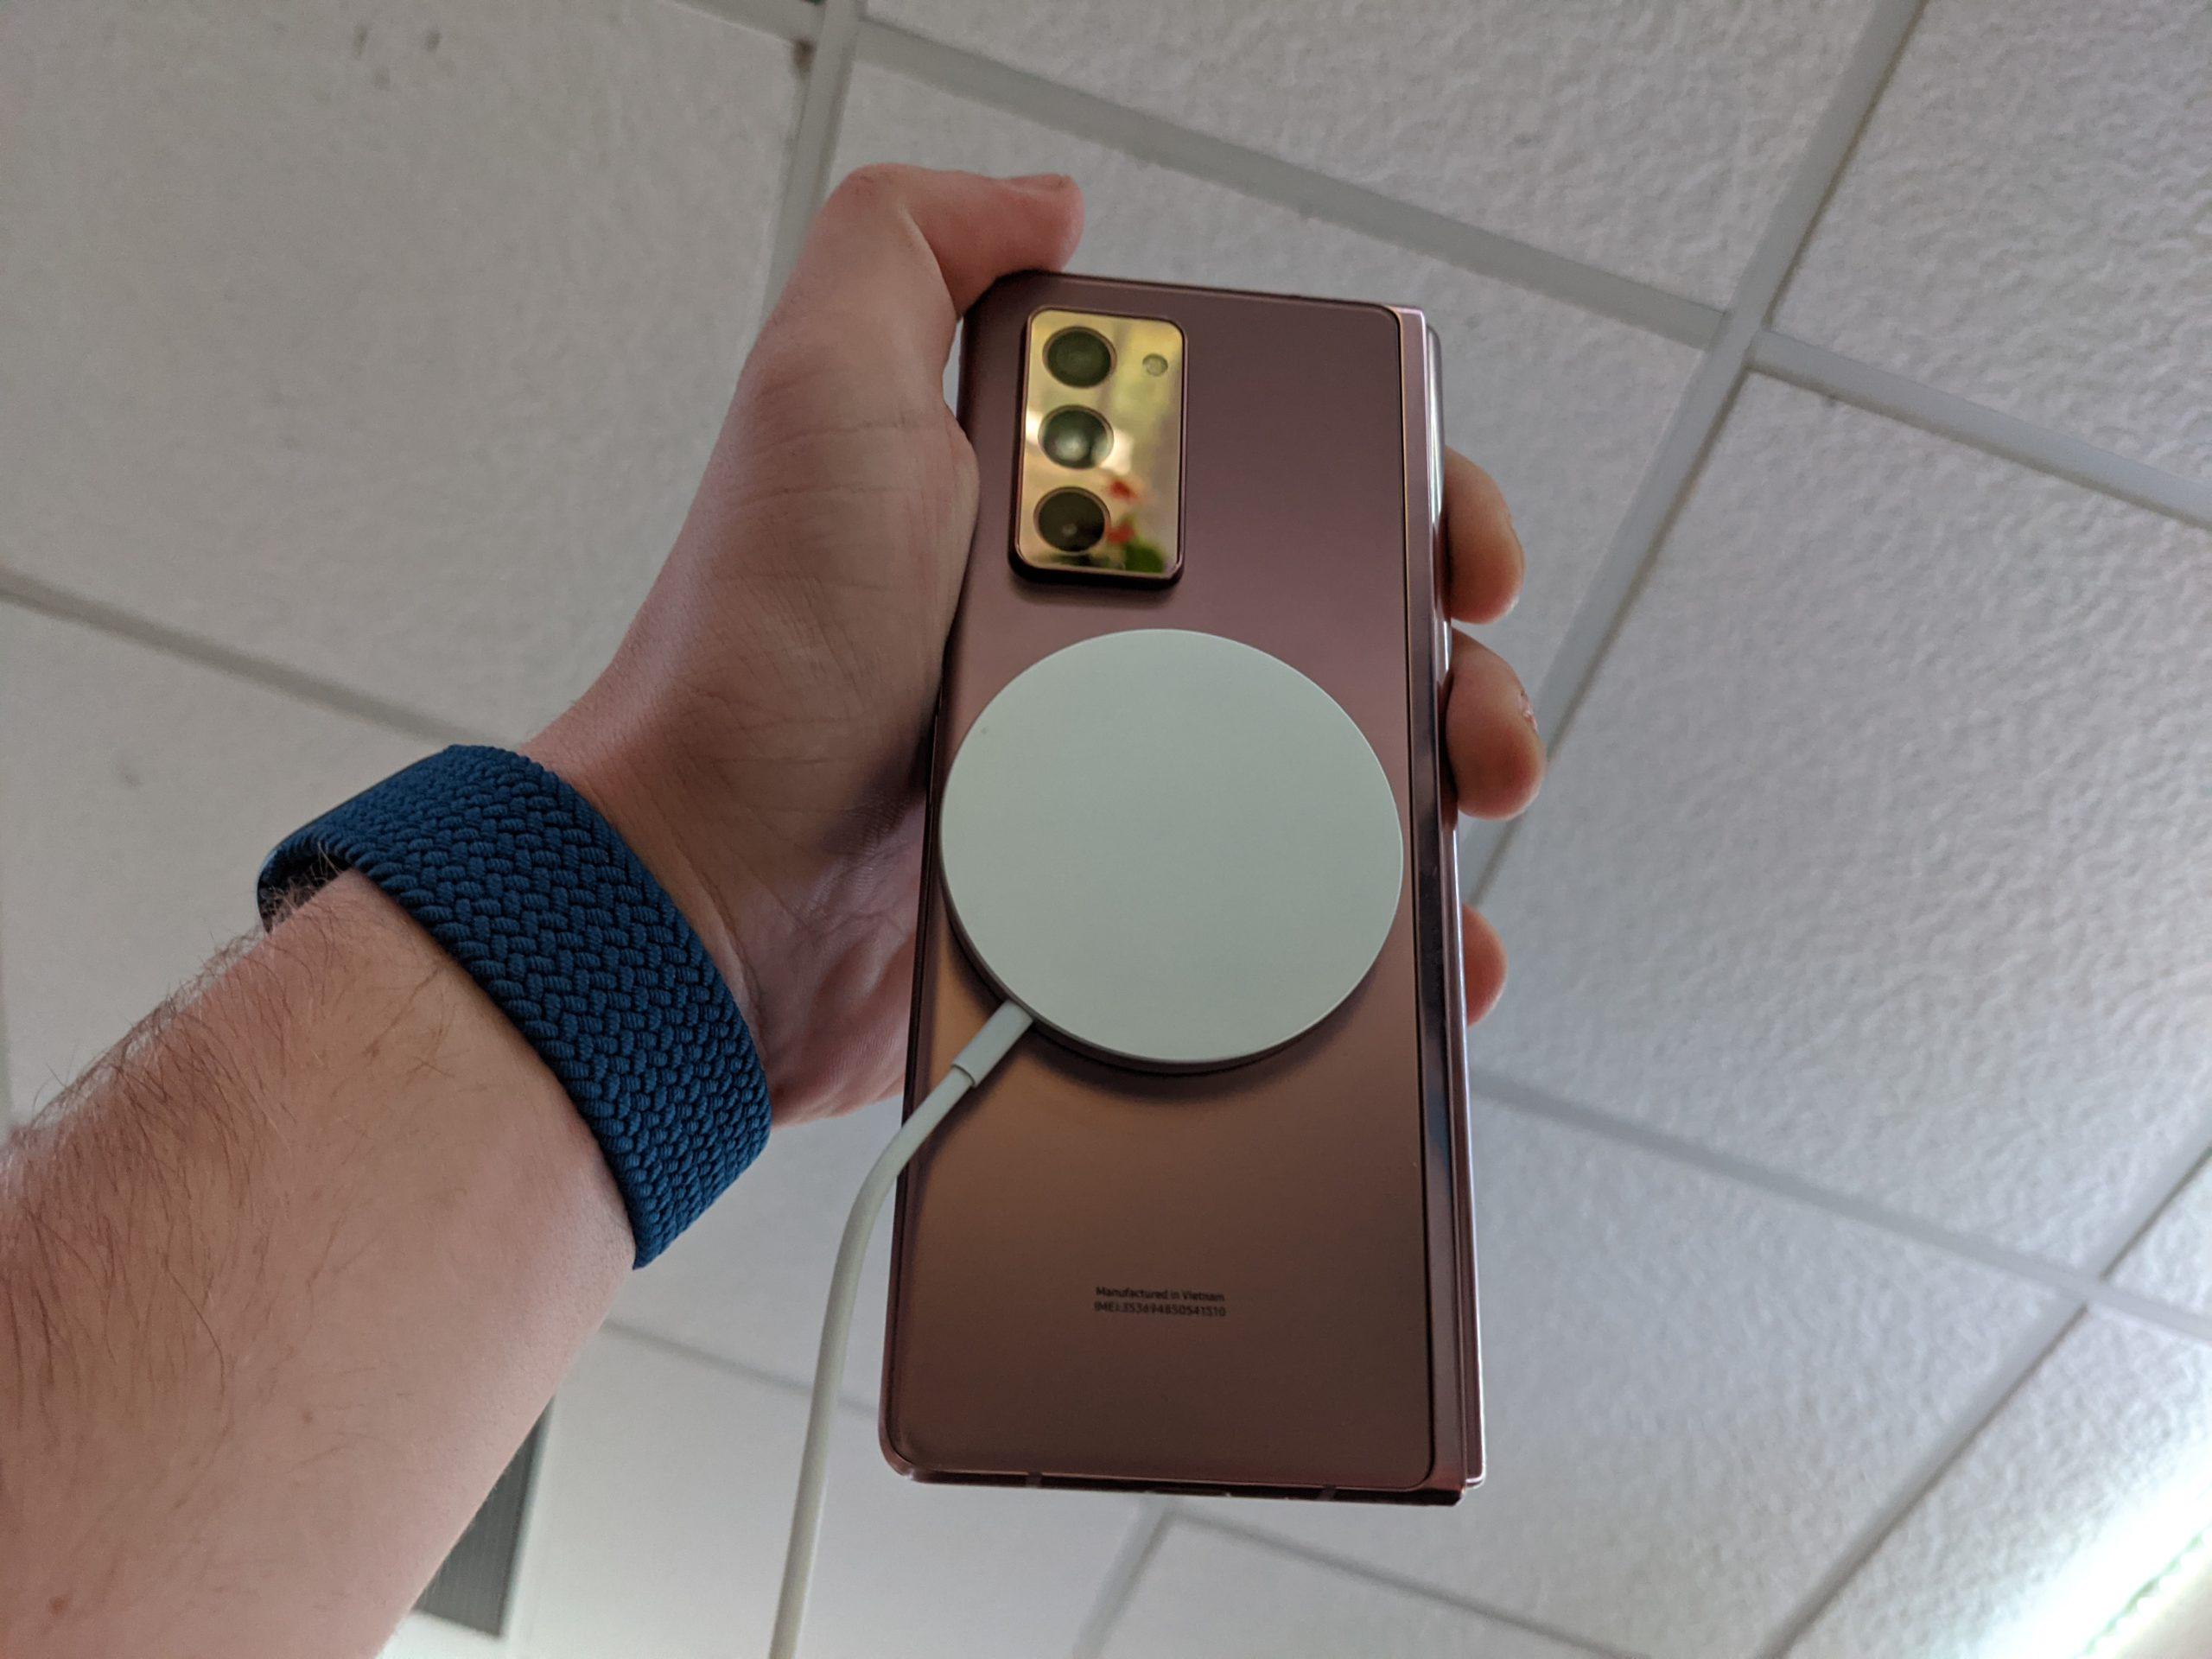 MagSafe ładowarka dla iPhone 12 czy działa z innymi smartfonami nie Apple jak Samsug Galaxy Z Fold 2